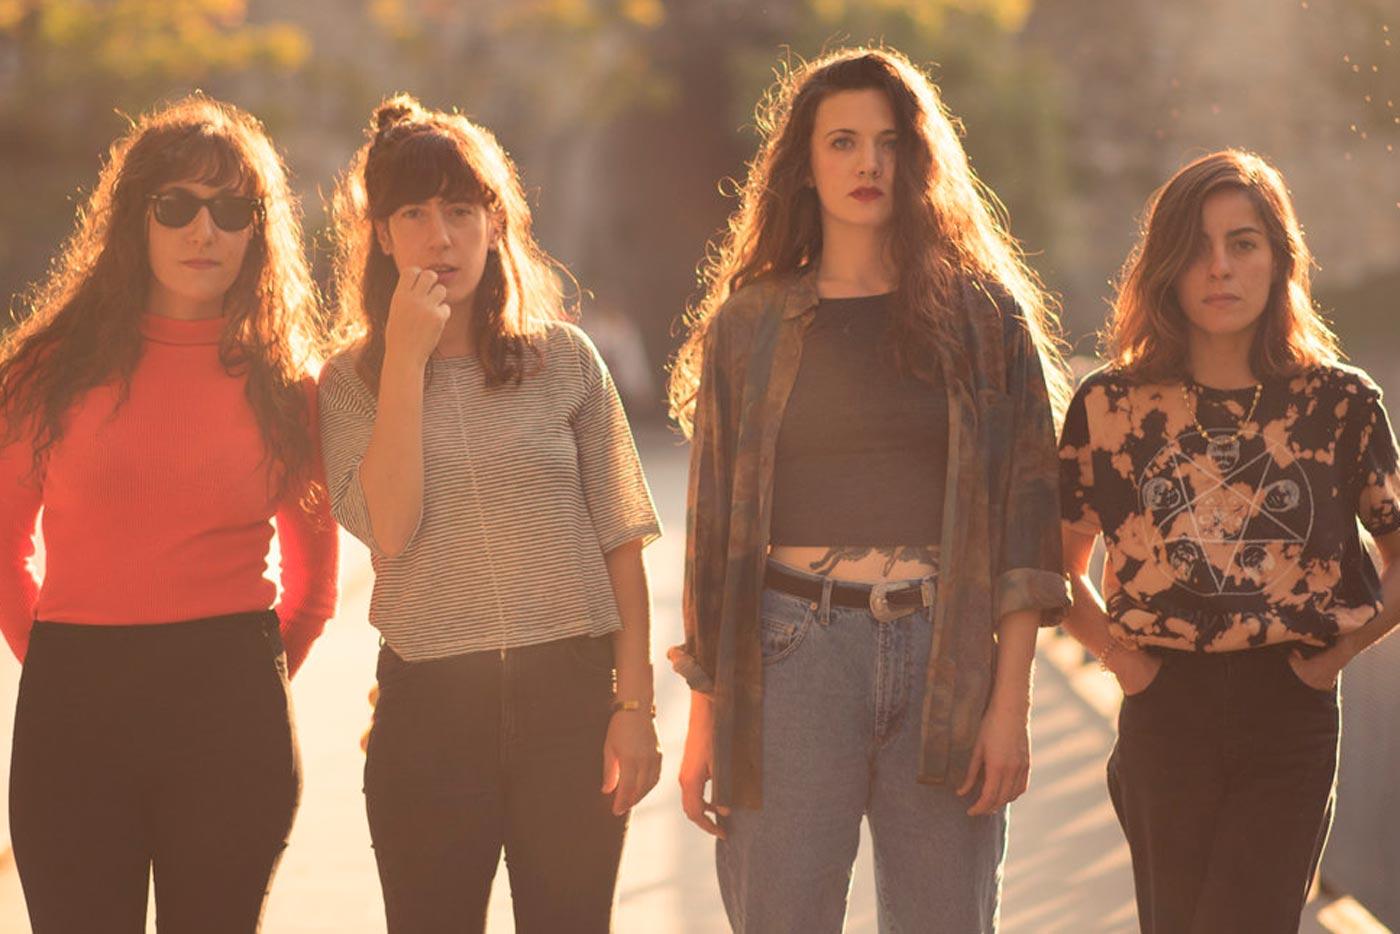 Melenas anuncian las primeras fechas de presentación de su debut